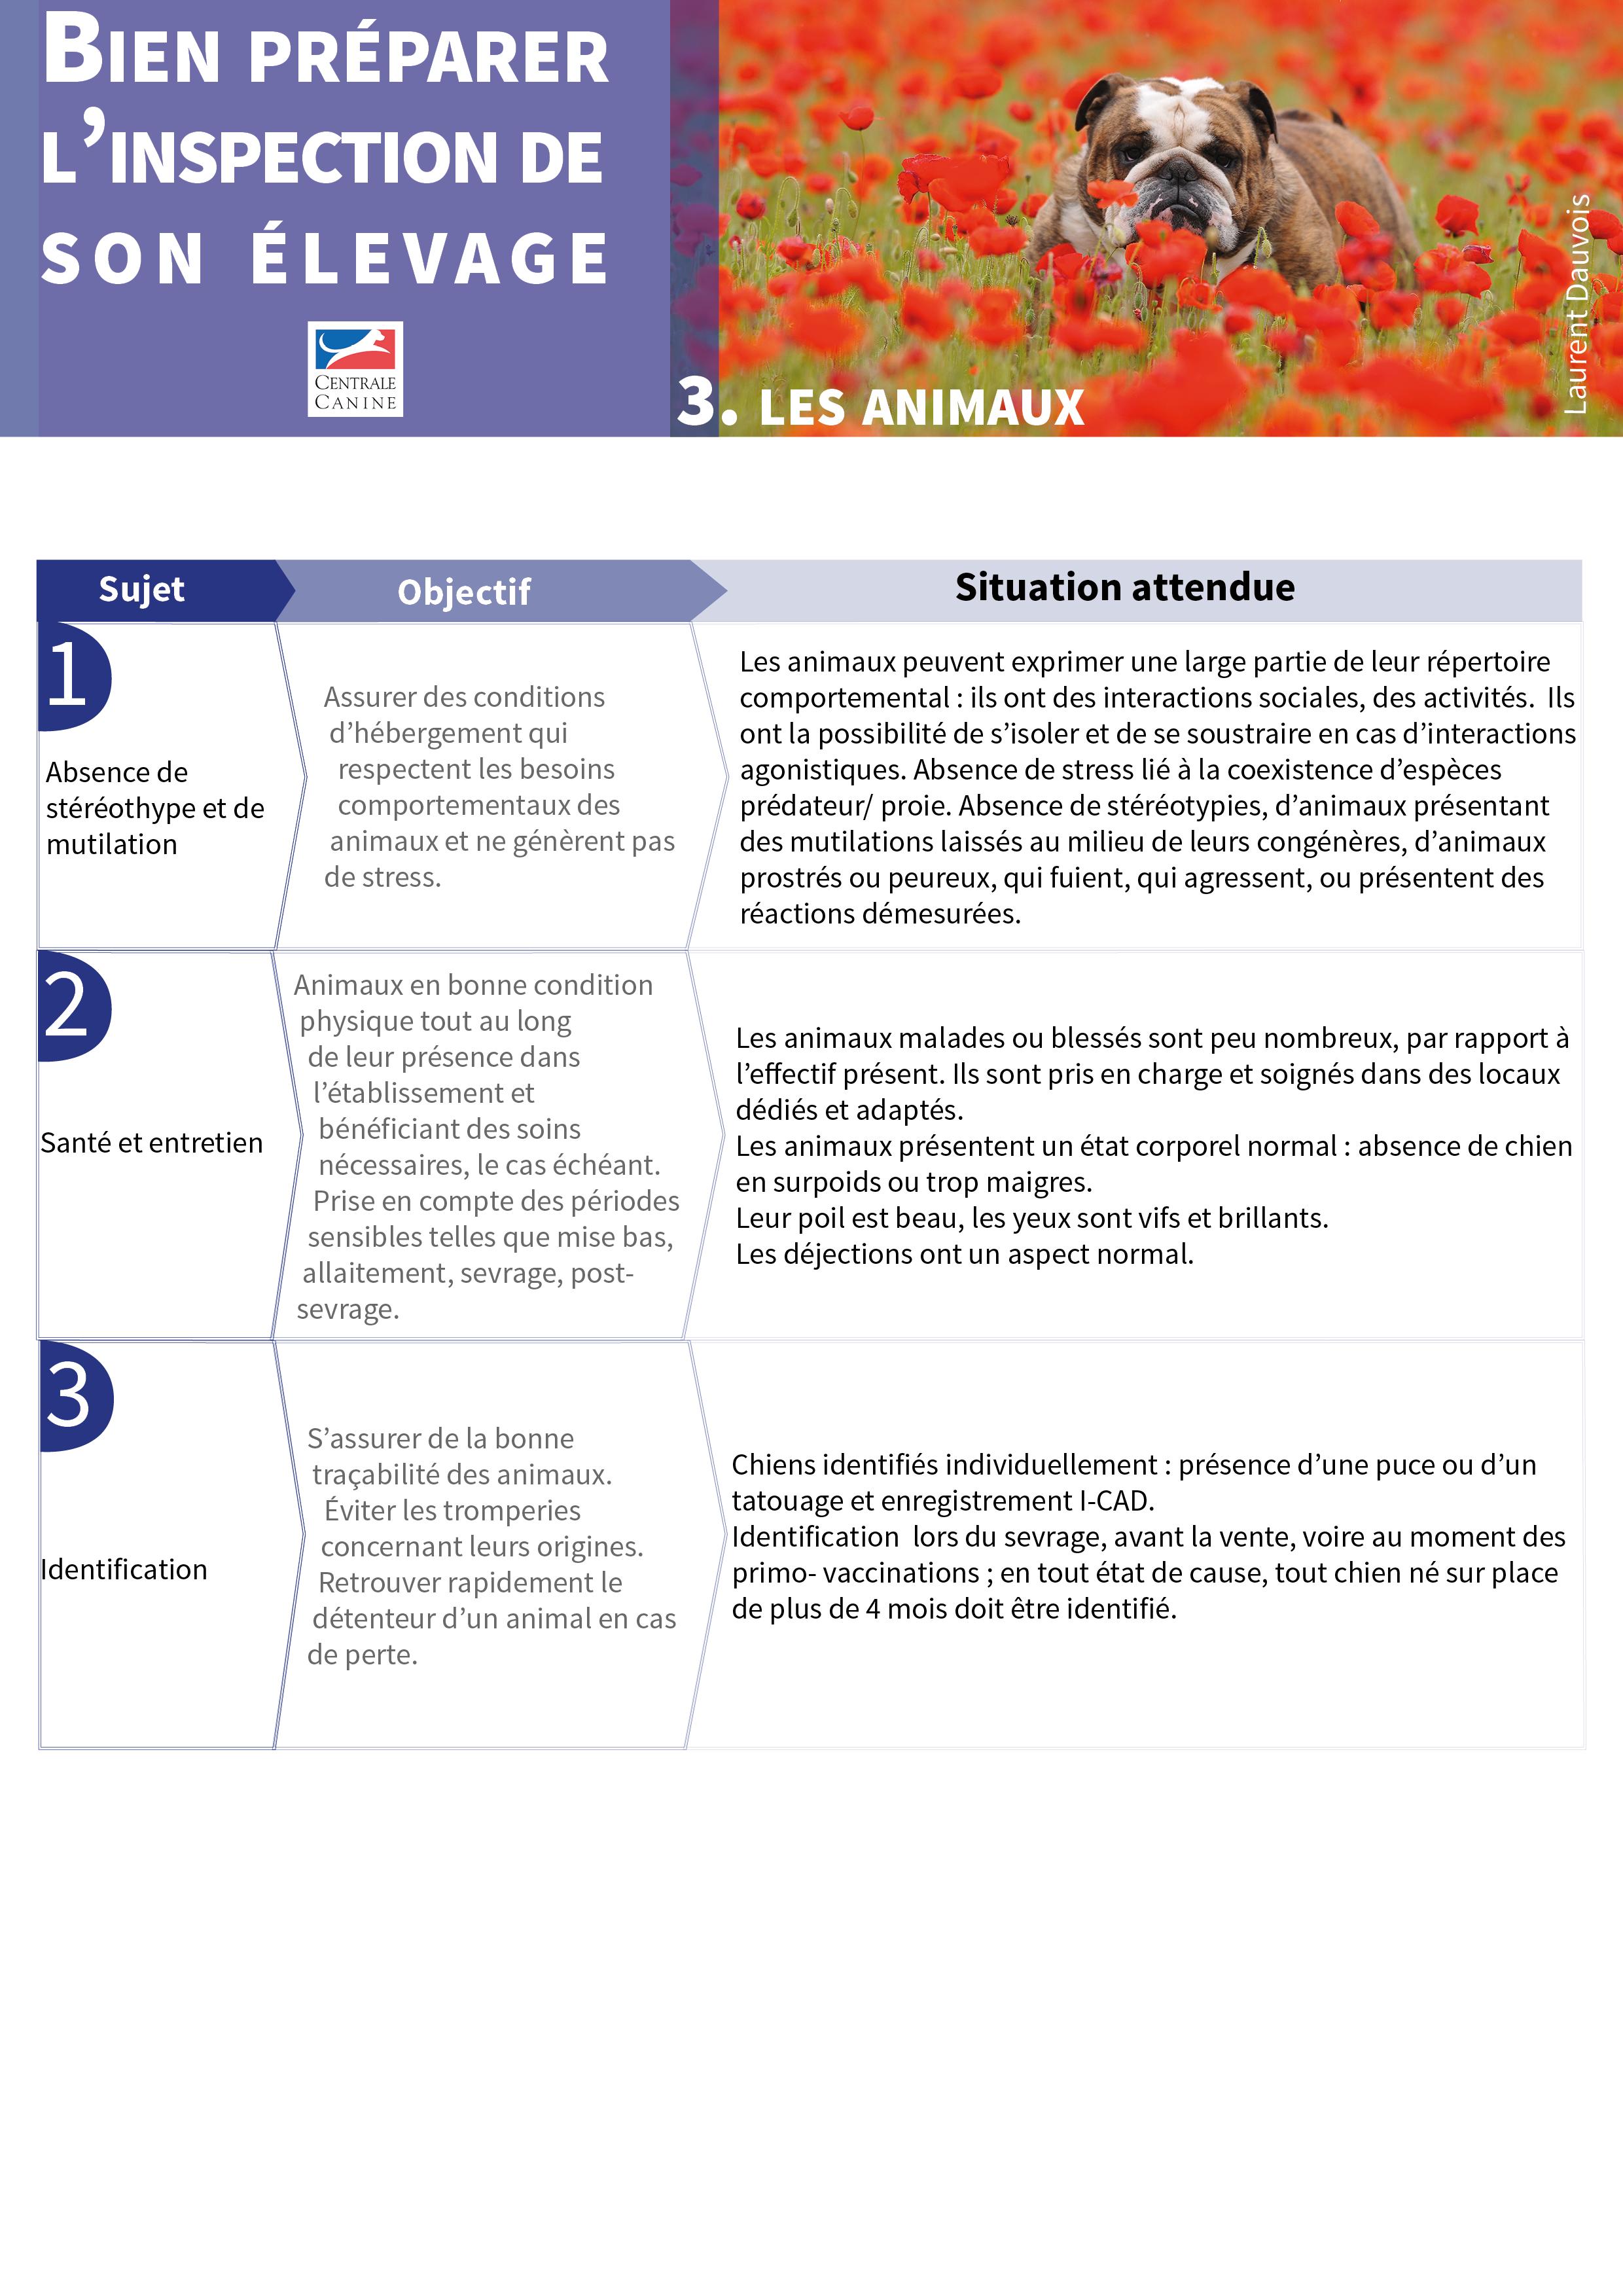 Bien_preparer_l_inspection_de_son_elevage5